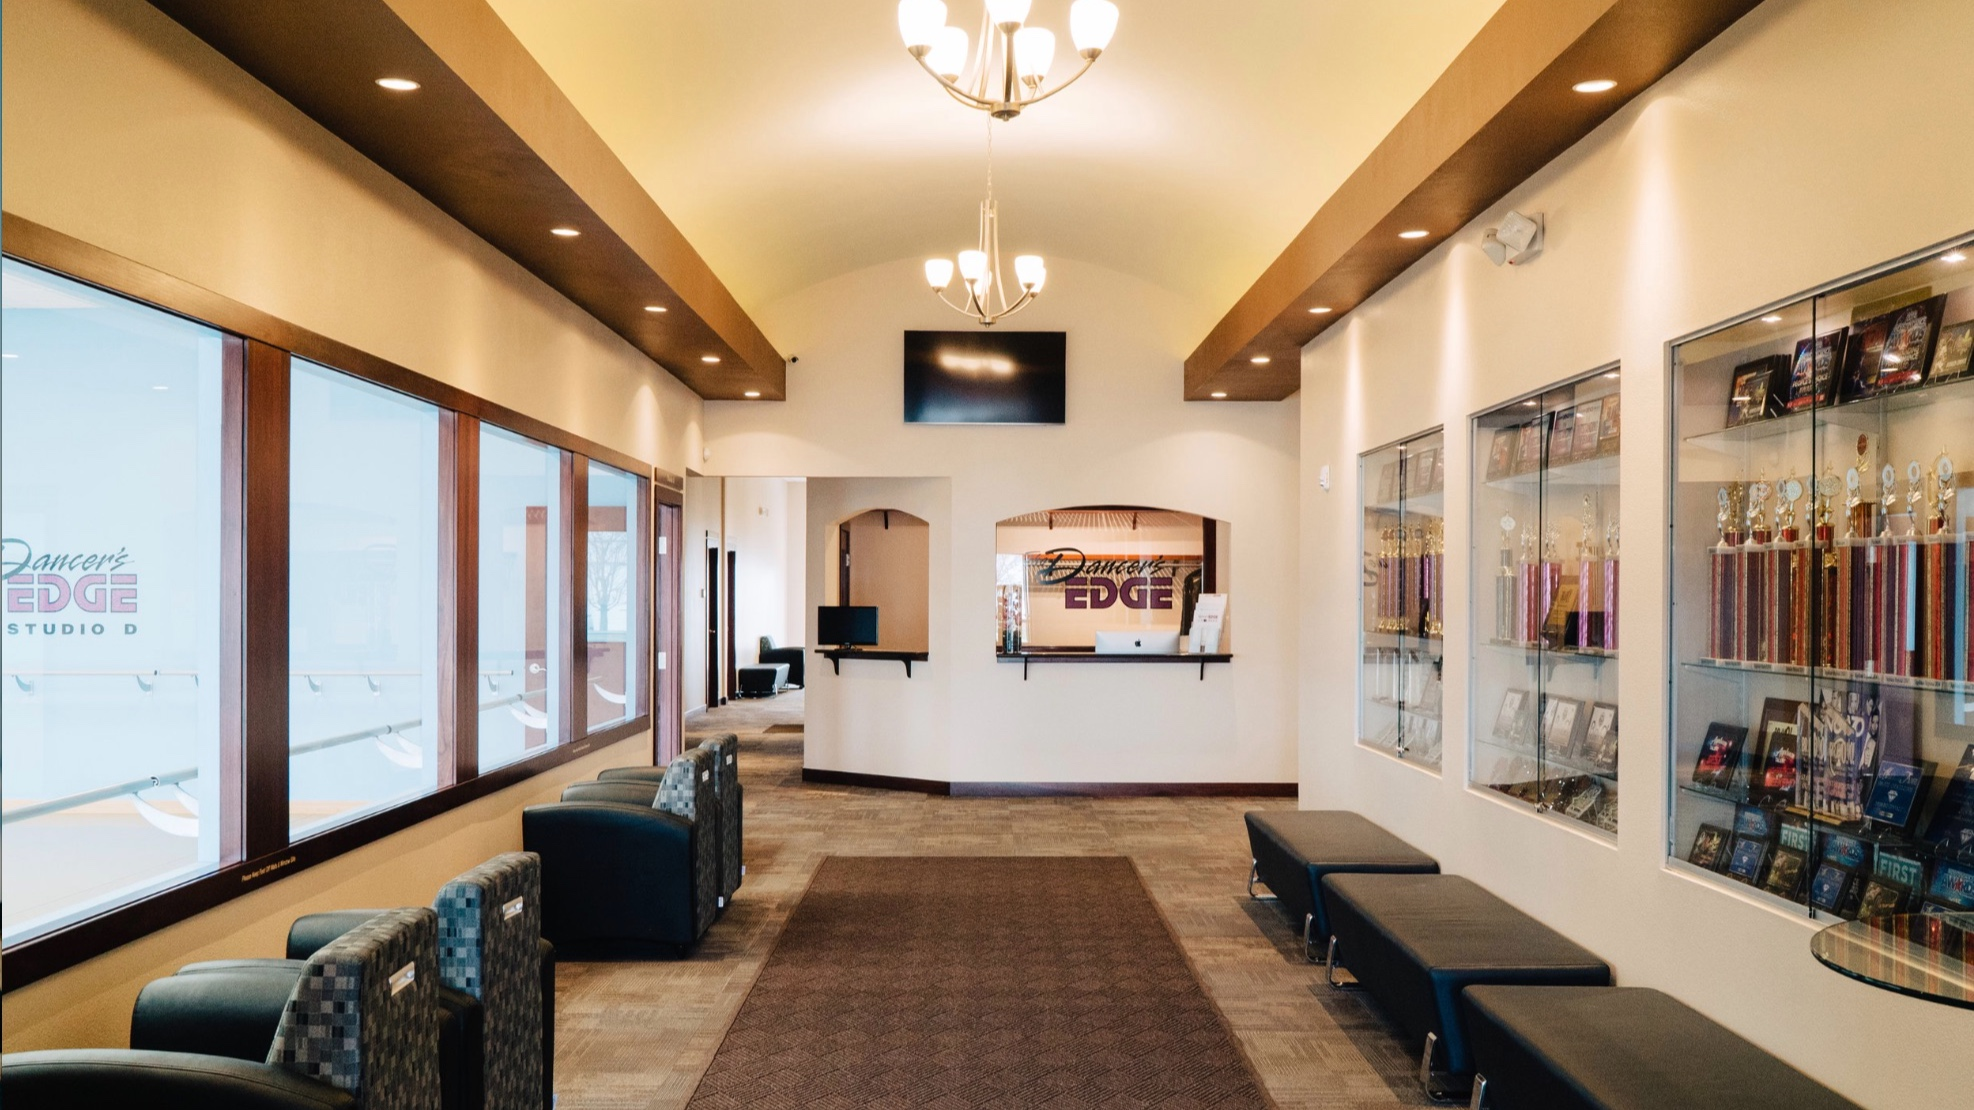 The Dancer's EDGE Lobby